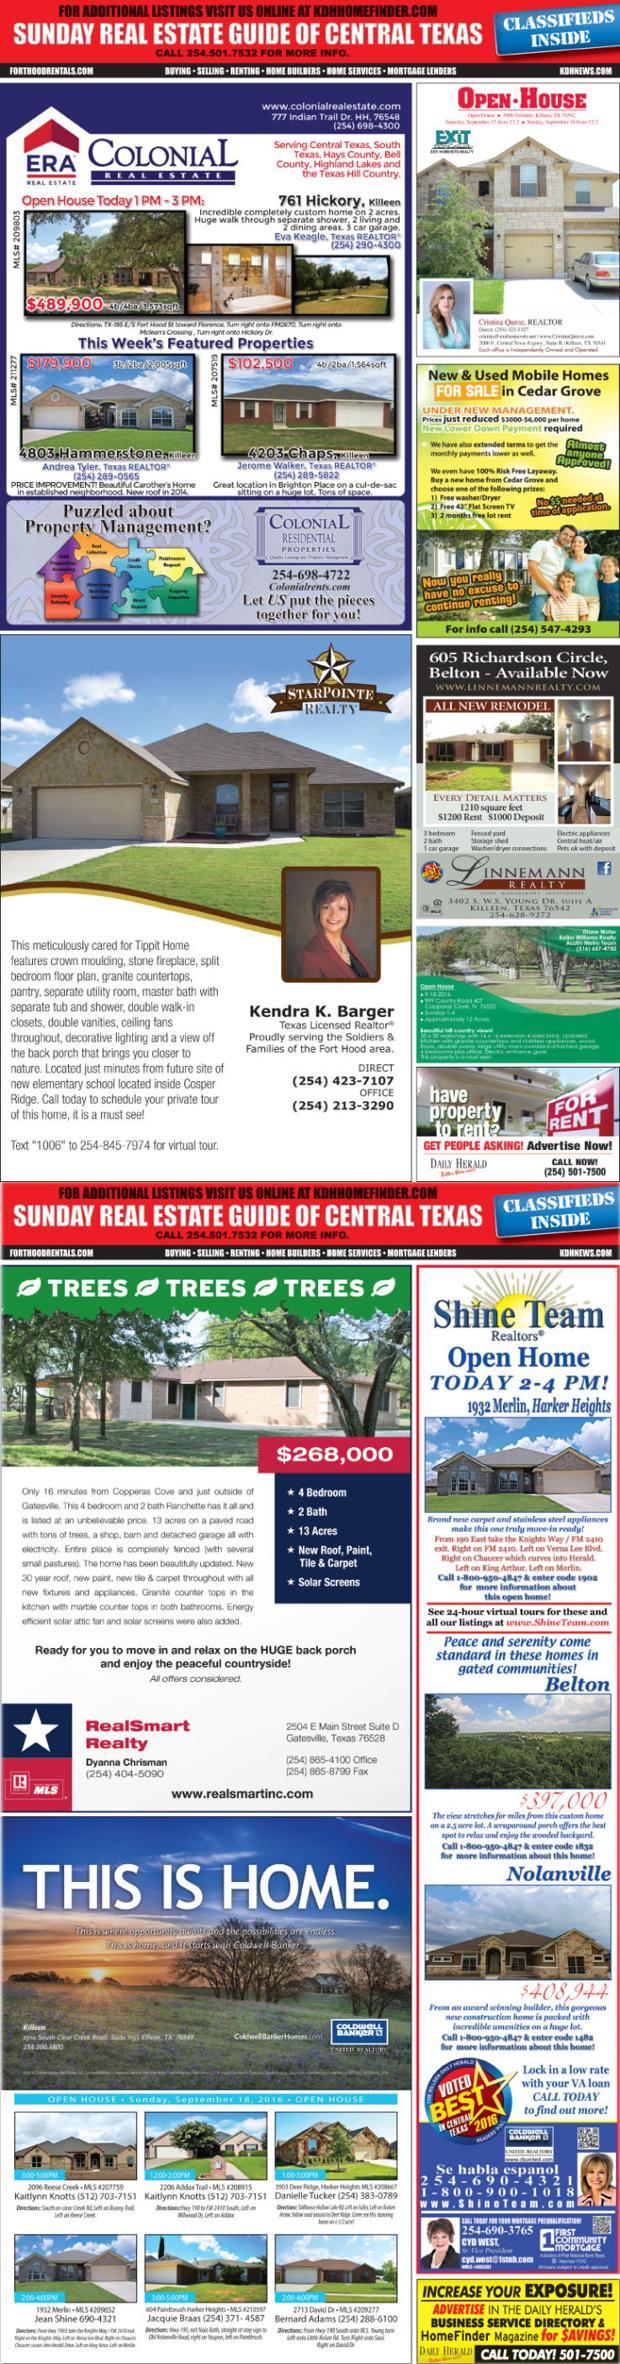 Sunday Real Estate Guide 9/18/16 SREG